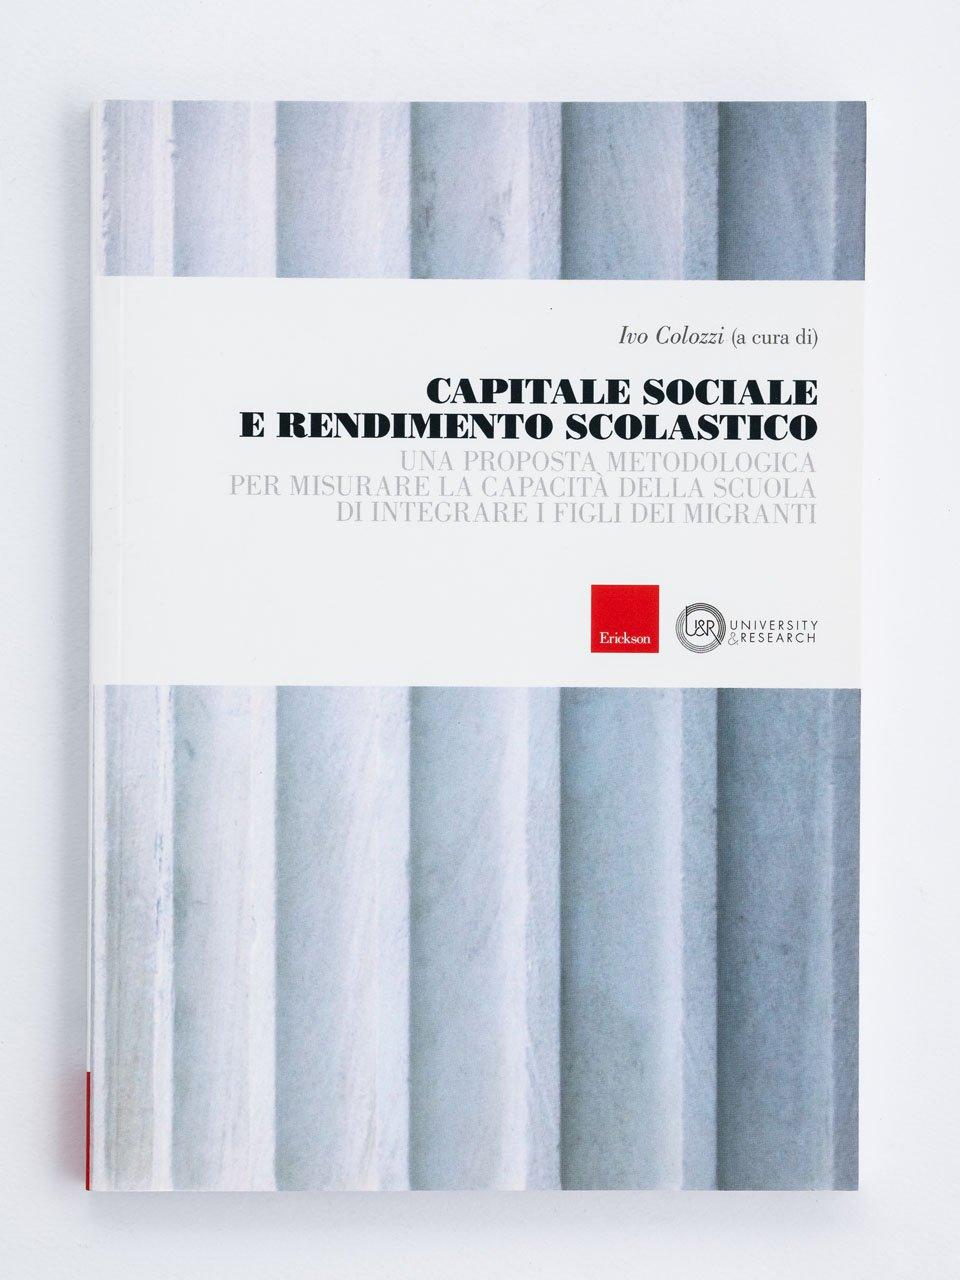 Capitale sociale e rendimento scolastico - Scuola creativa - Libri - Erickson